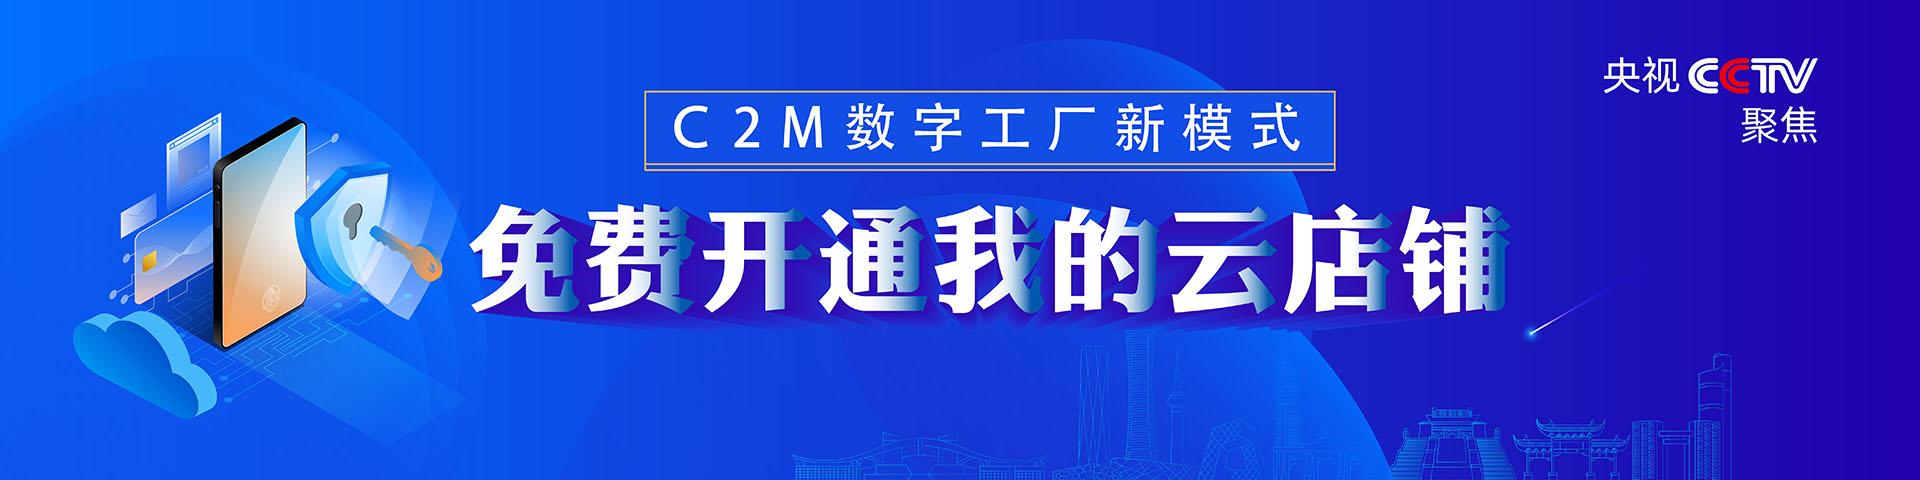 解决方案临时banner(需后期更改)